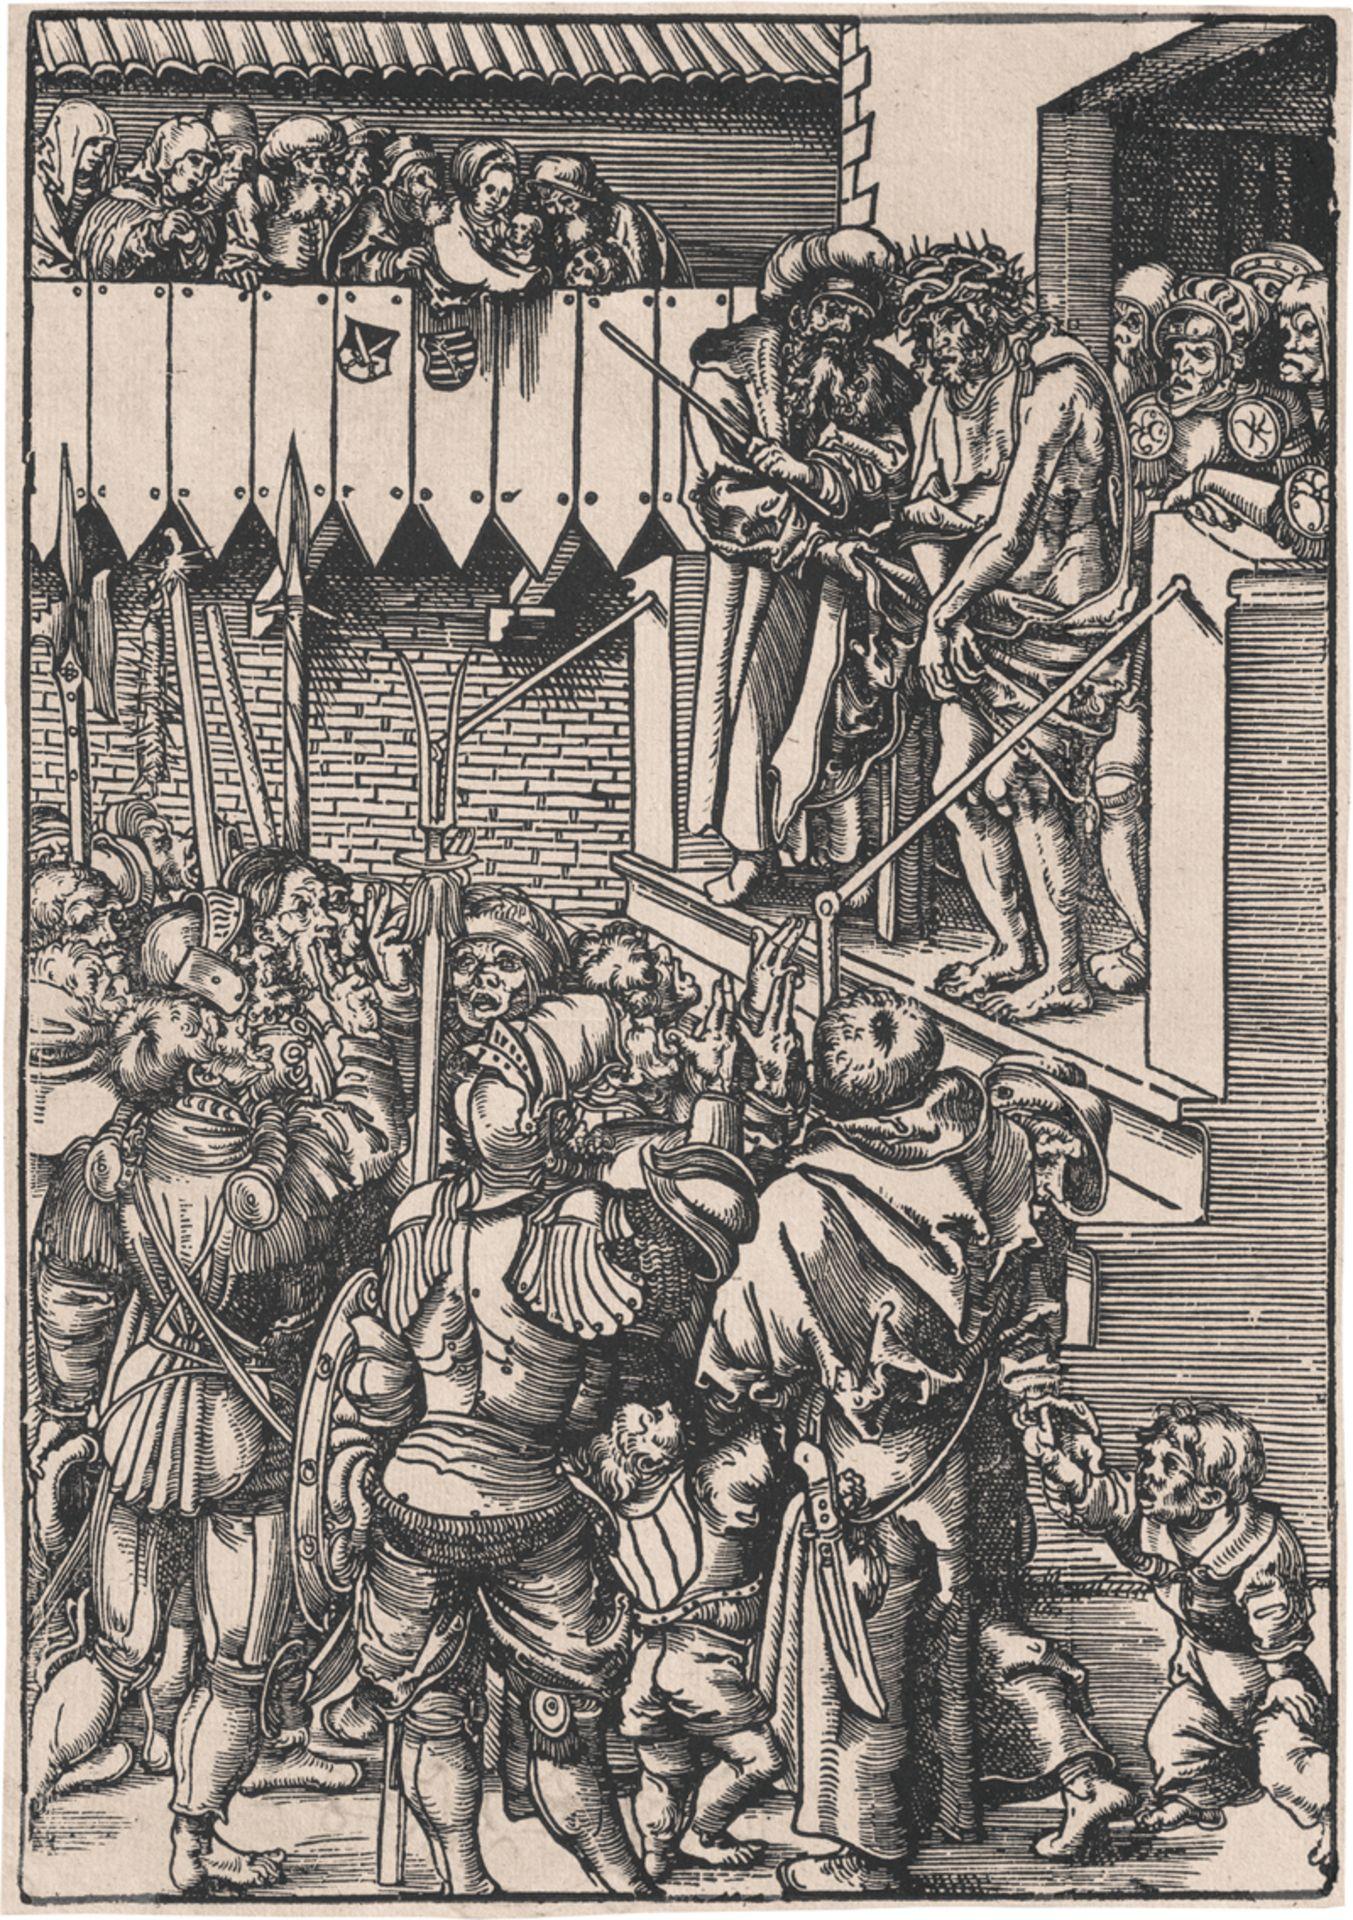 Cranach d. Ä., Lucas: Ecce Homo